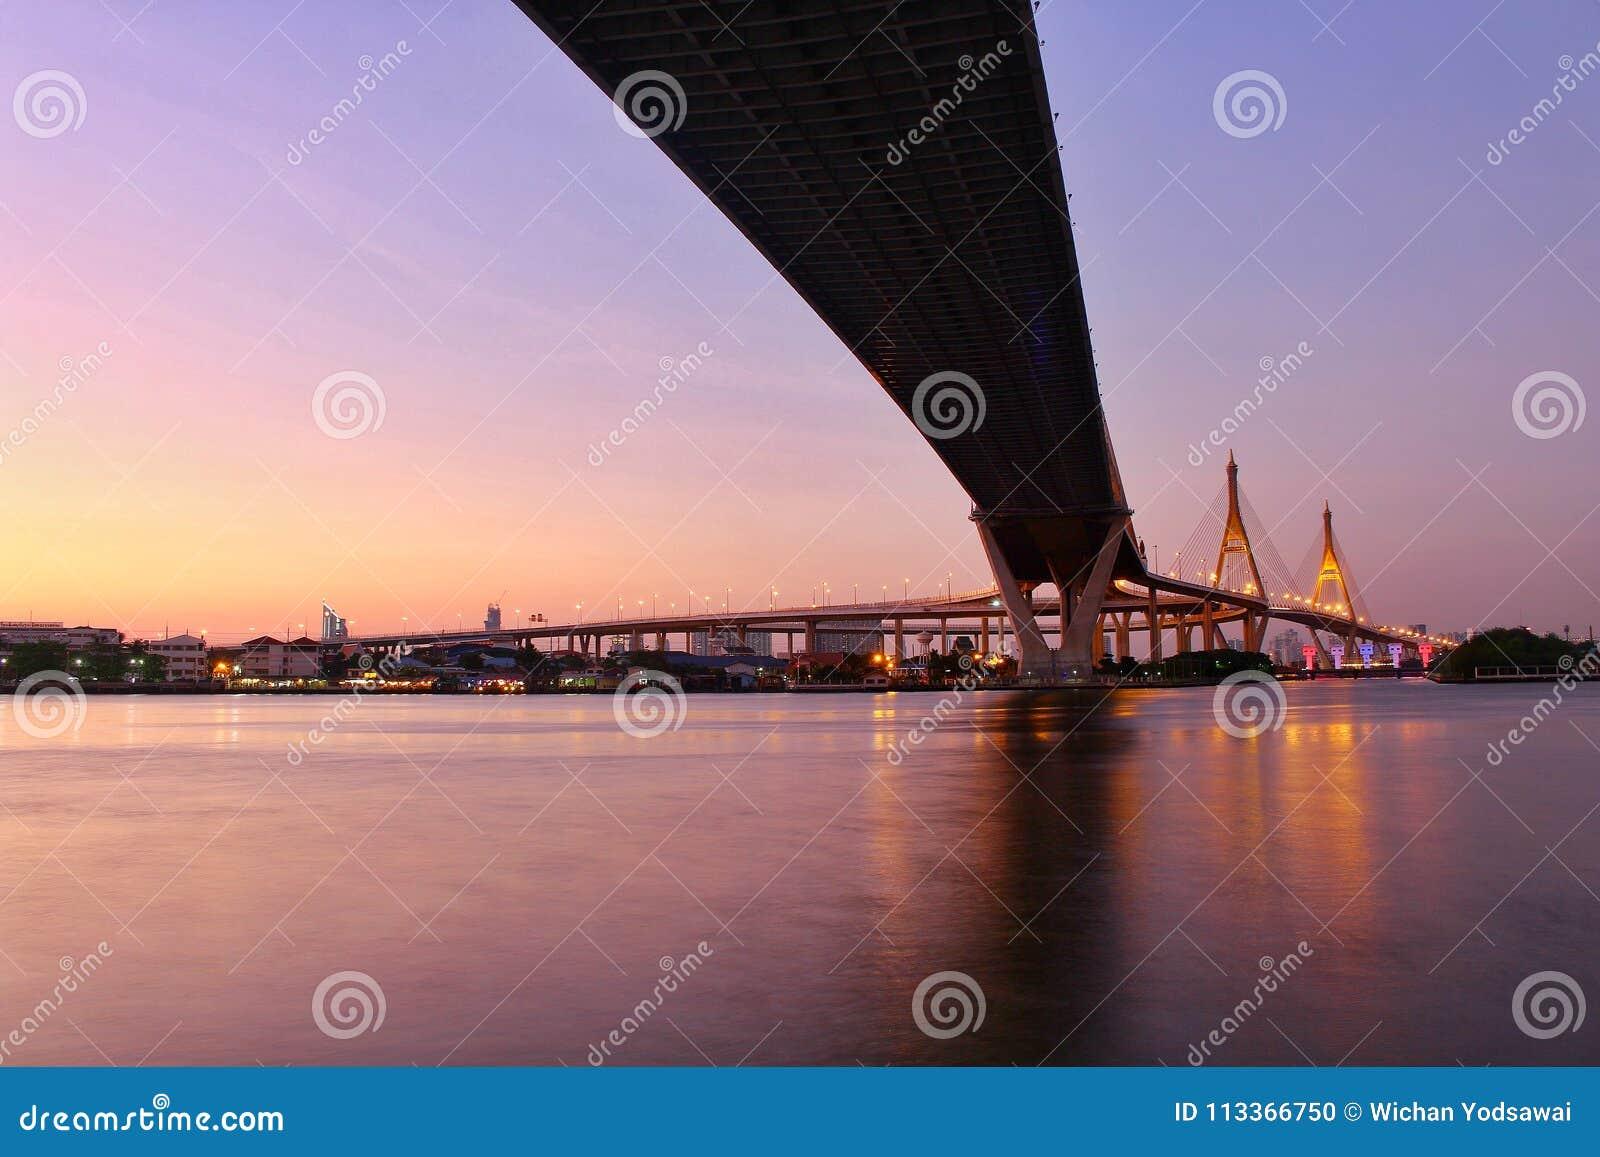 Señal, paisaje, Ove Bhumibol Bridge On los bancos de Chao Phraya River en el crepúsculo en Tailandia